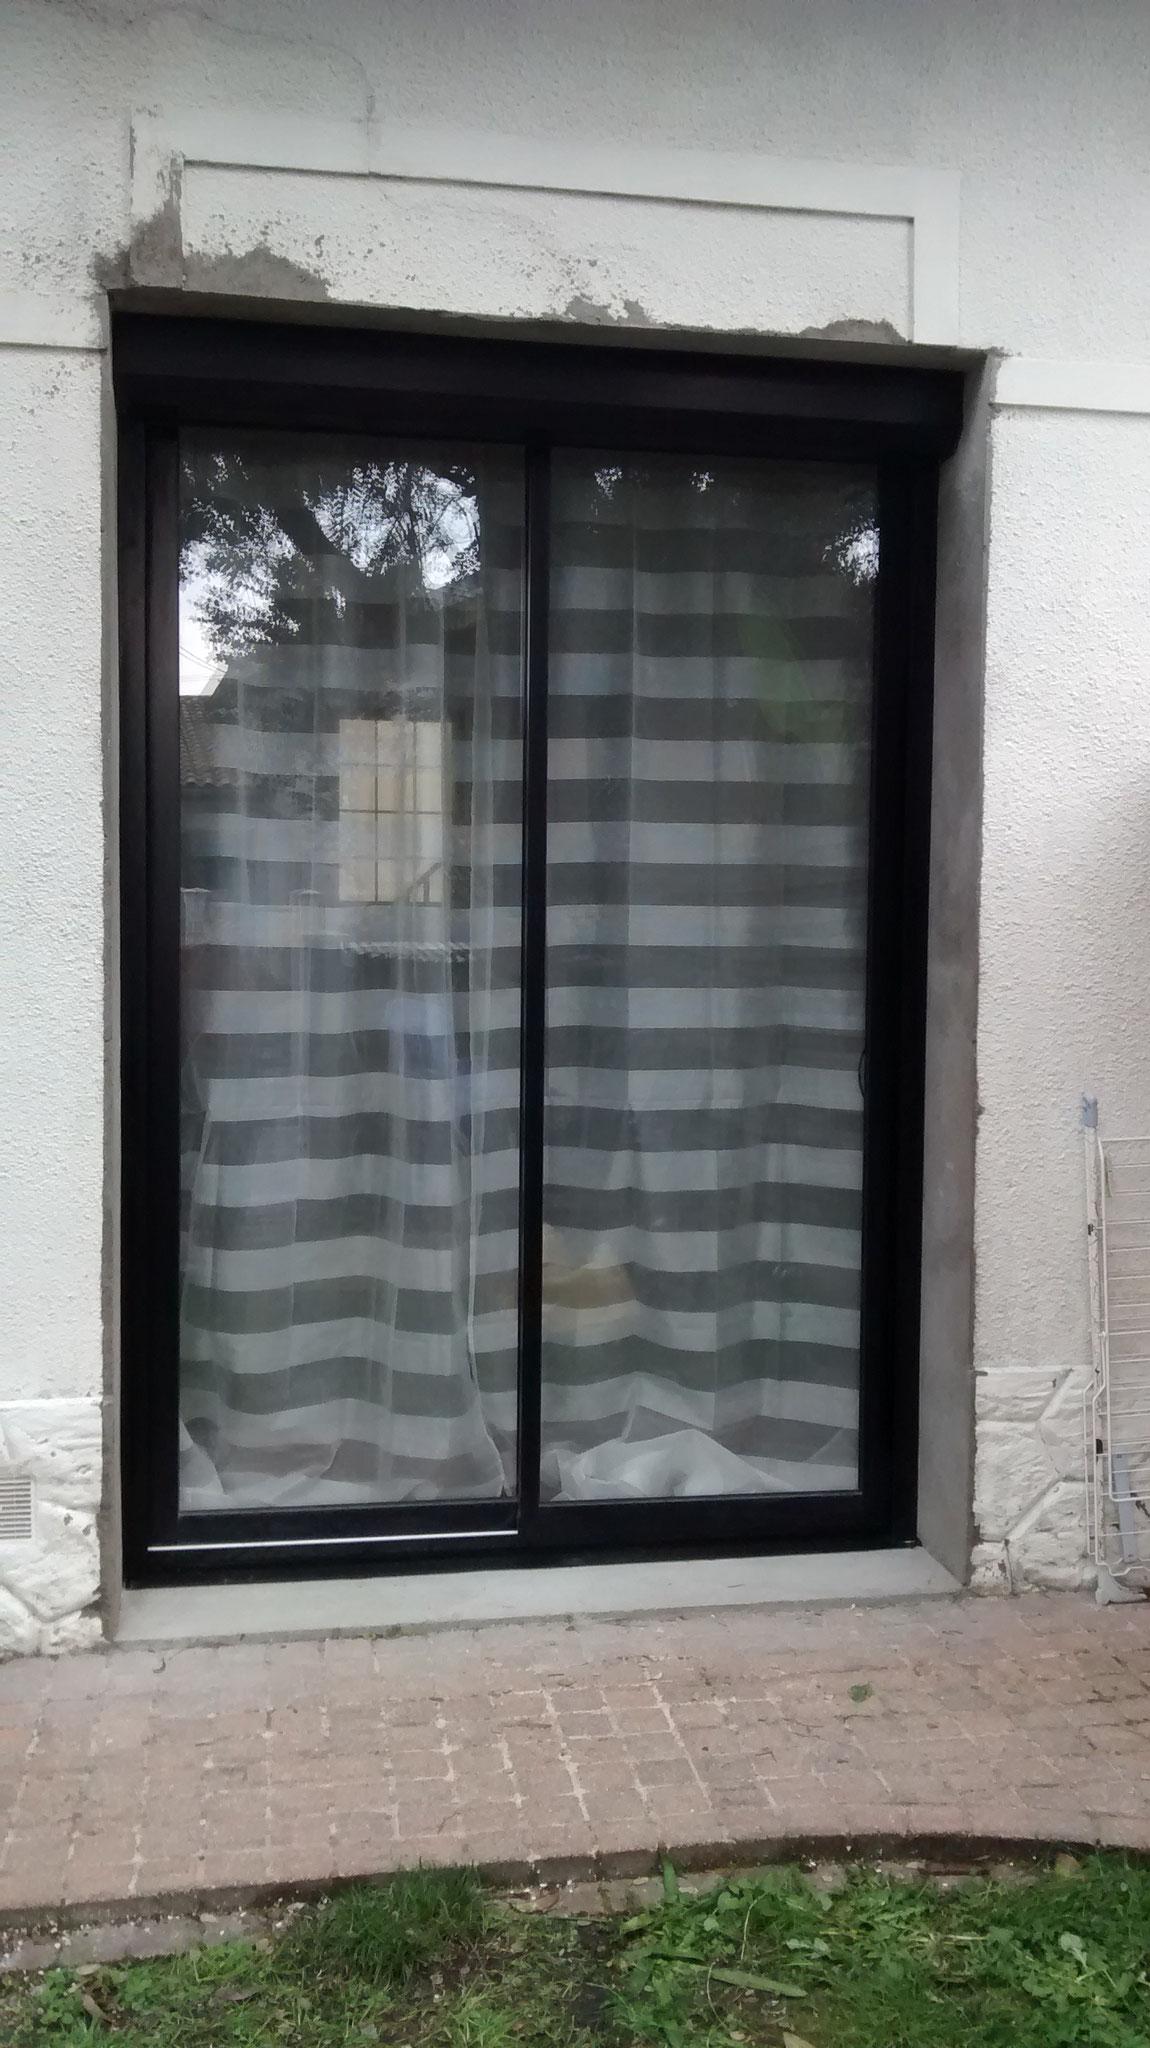 Implantation d'une baie vitrée